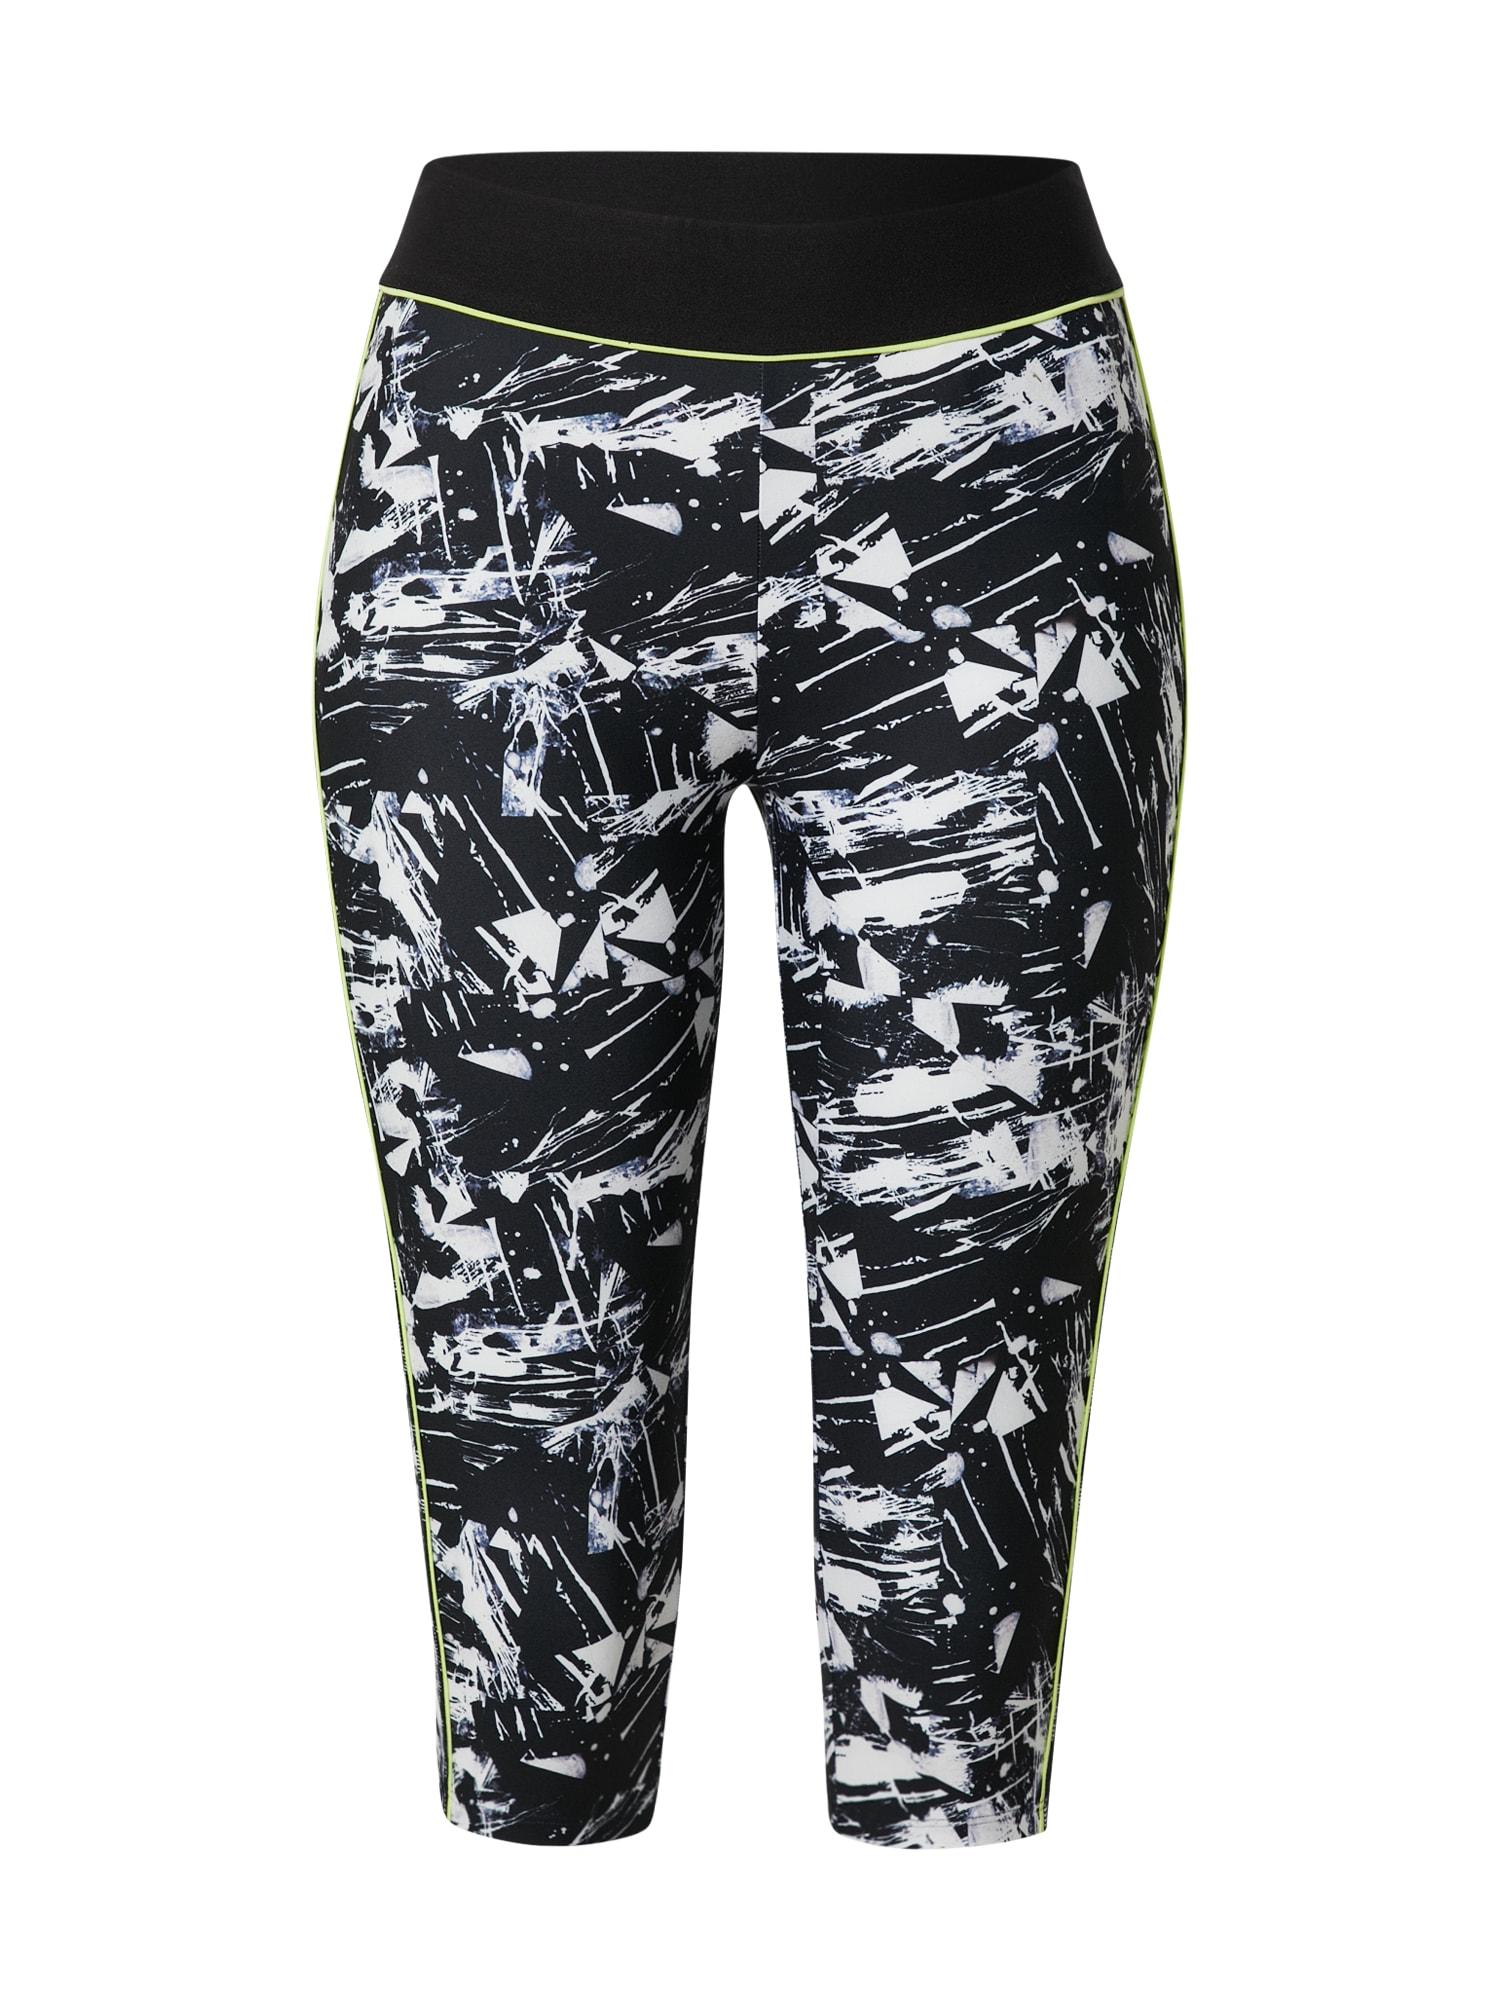 ESPRIT SPORT Sportinės kelnės juoda / balta / neoninė geltona